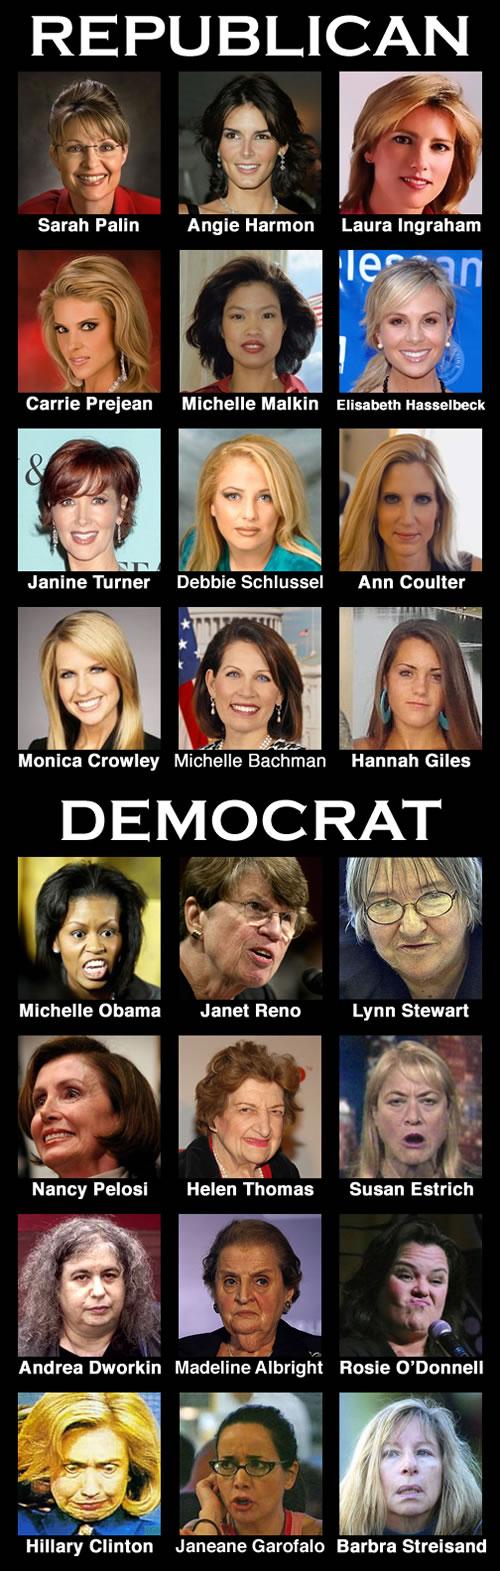 Republican vs. Democrat women